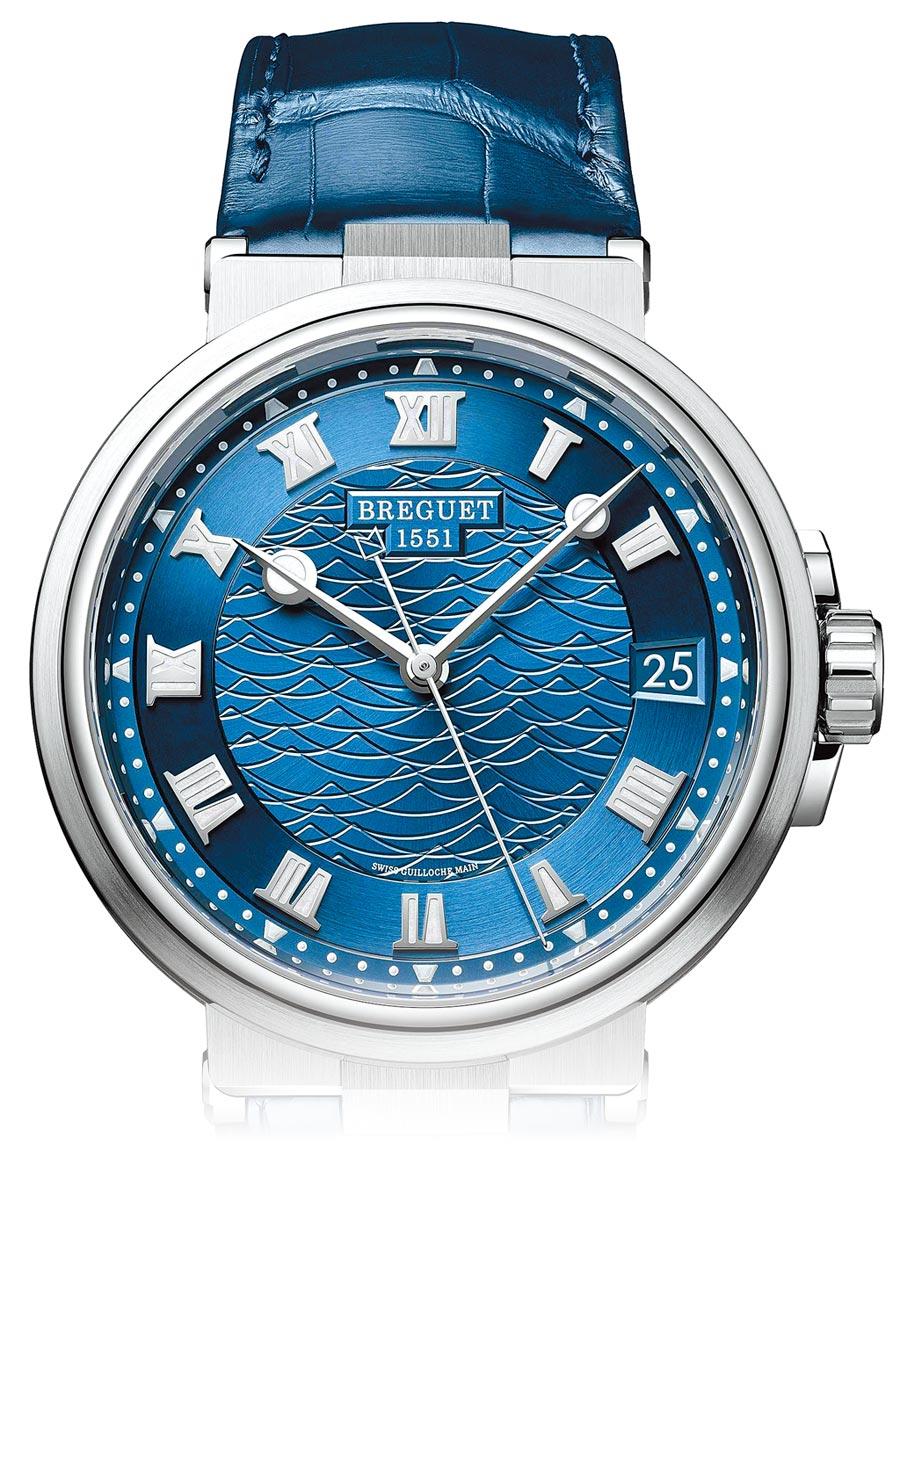 寶璣Marine航海系列5517大三針日期腕表,18K白金搭配鱷魚皮表帶,92萬2000元。(Breguet提供)